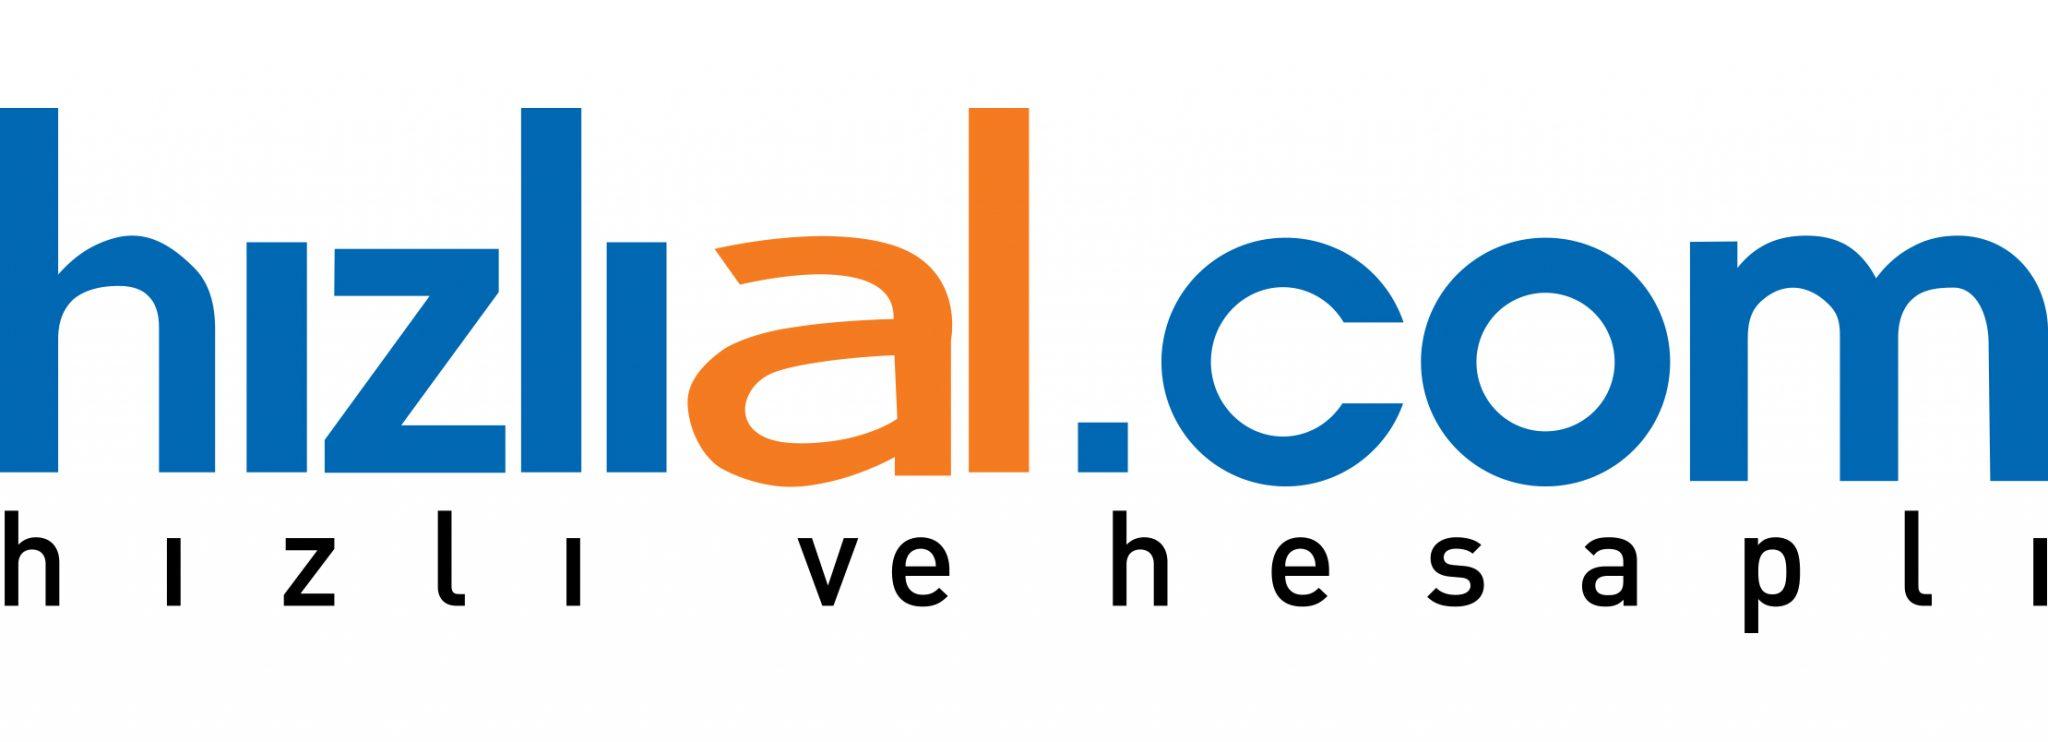 Hızlıal Müşteri Hizmetleri Çağrı Merkezi İletişim Telefon Numarası